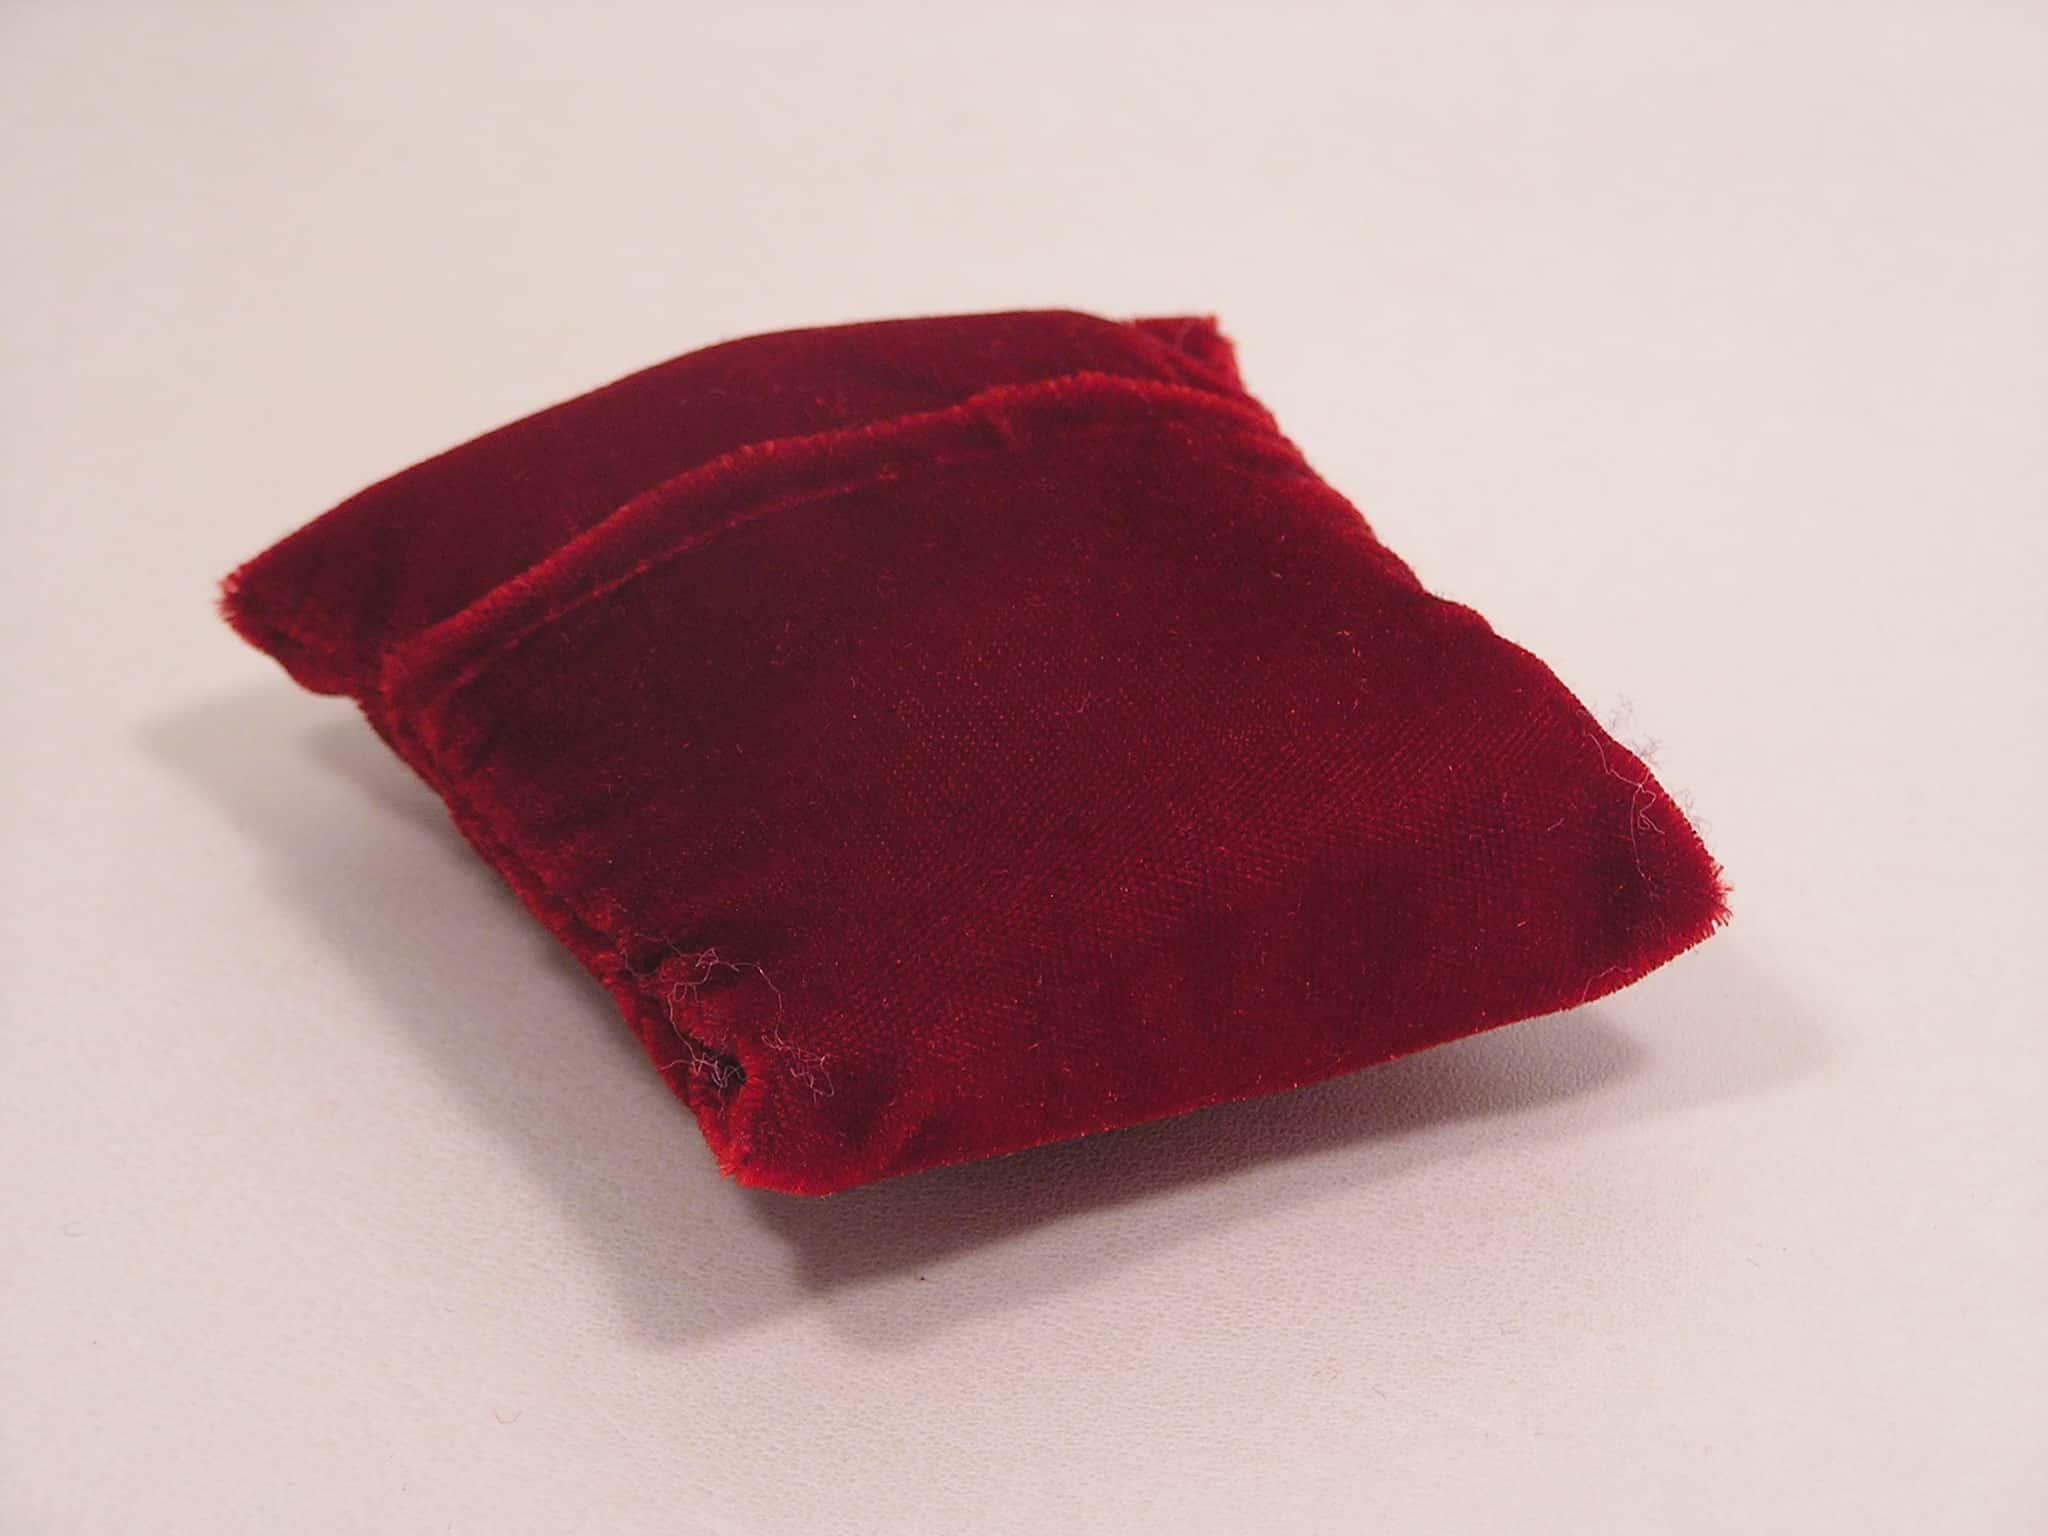 sacchetto velluto cuscino inserto